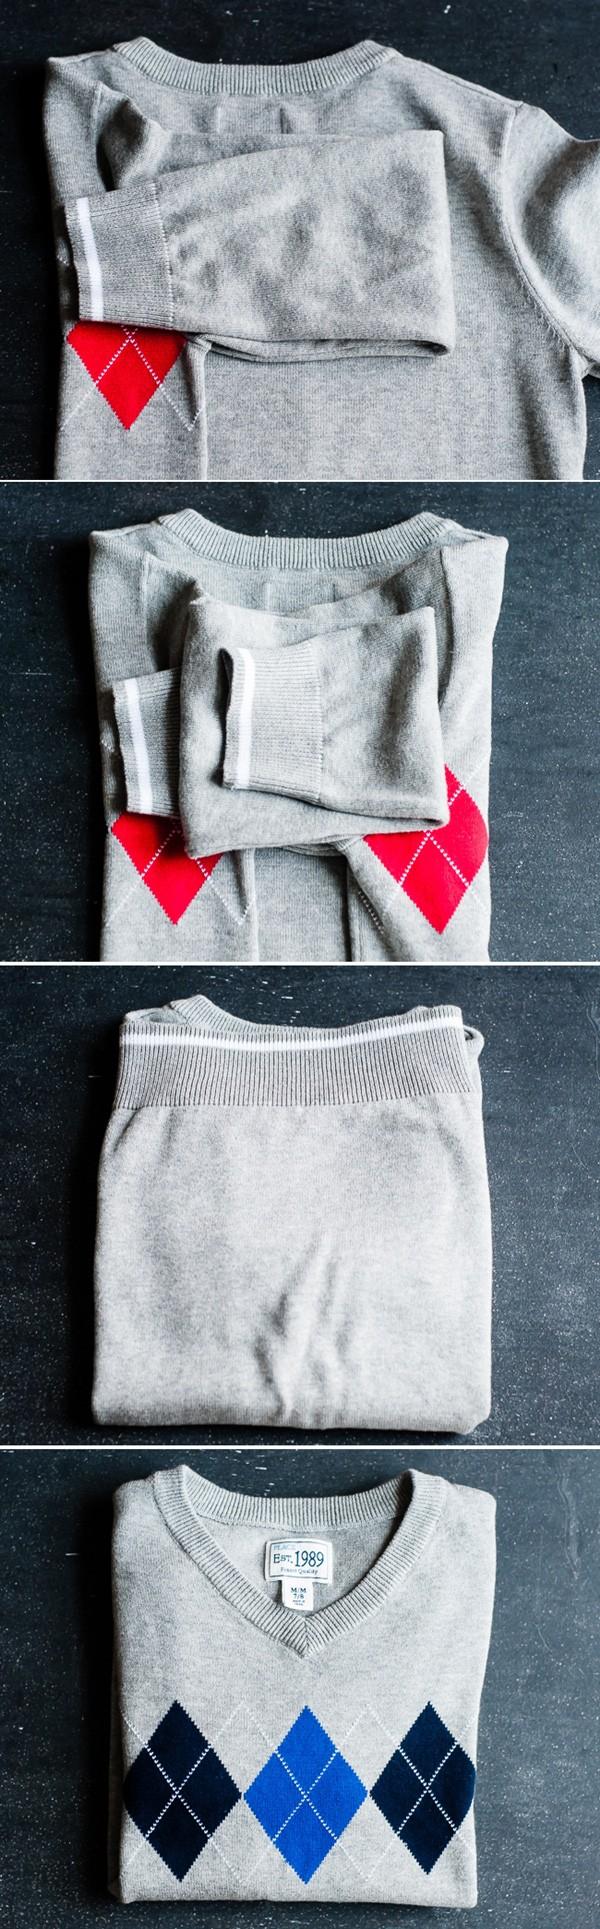 Áo len mặc qua mấy mùa vẫn không bai dão nếu bạn dắt túi những mẹo sau  - Ảnh 10.